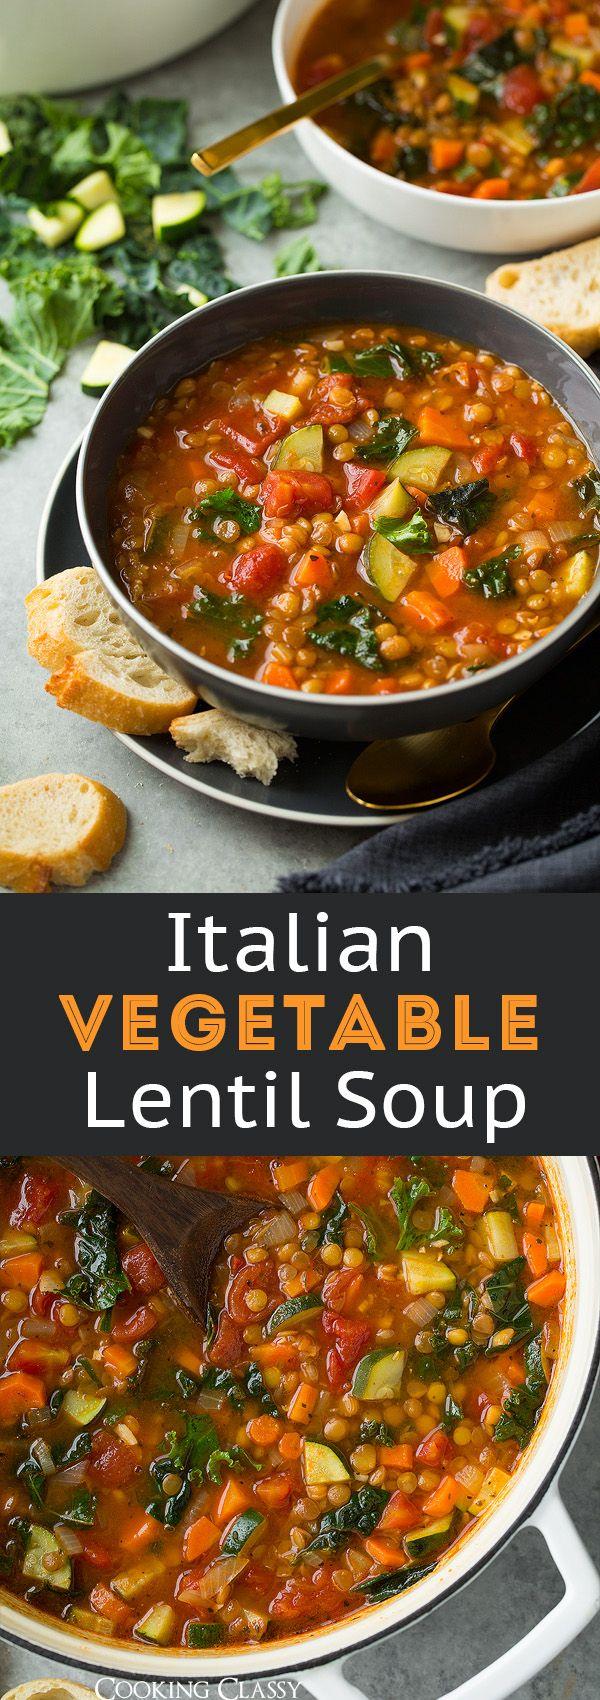 Italian Vegetable Lentil Soup